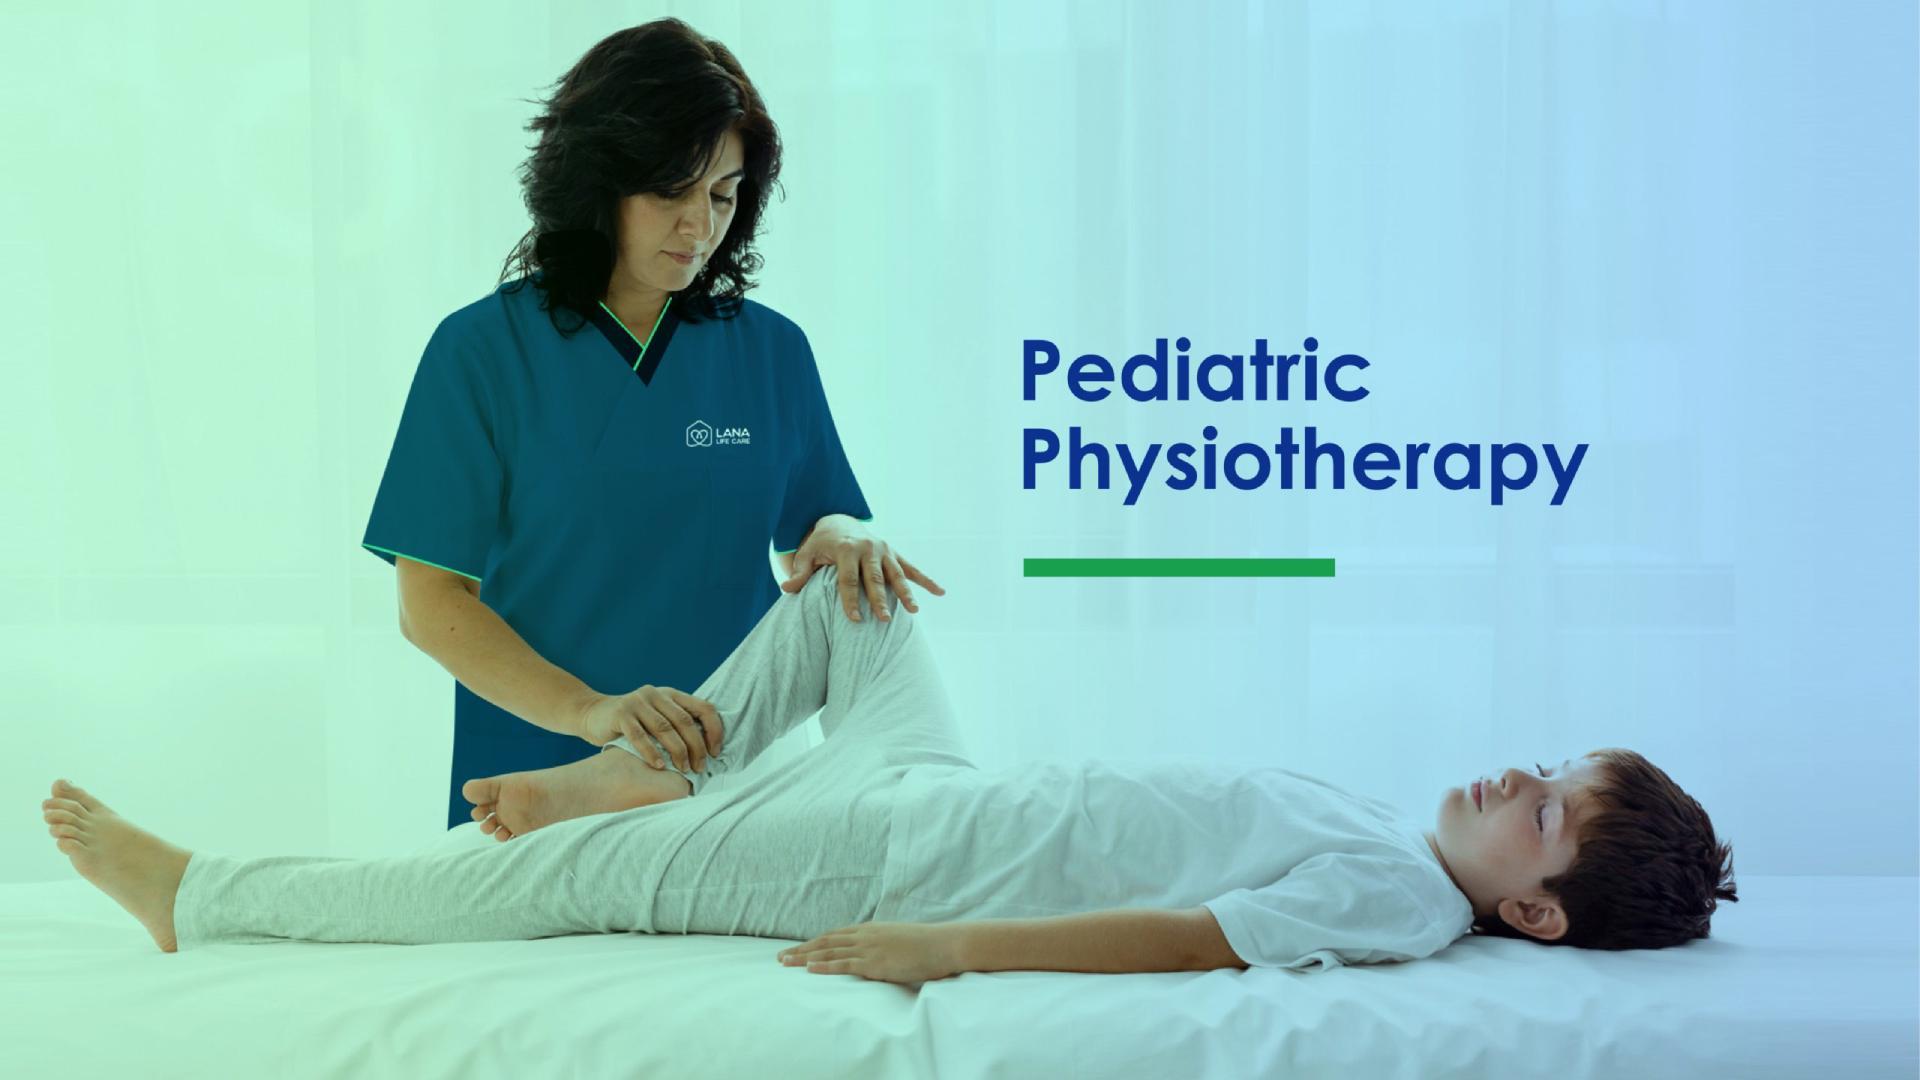 العلاج الطبيعي للأطفال